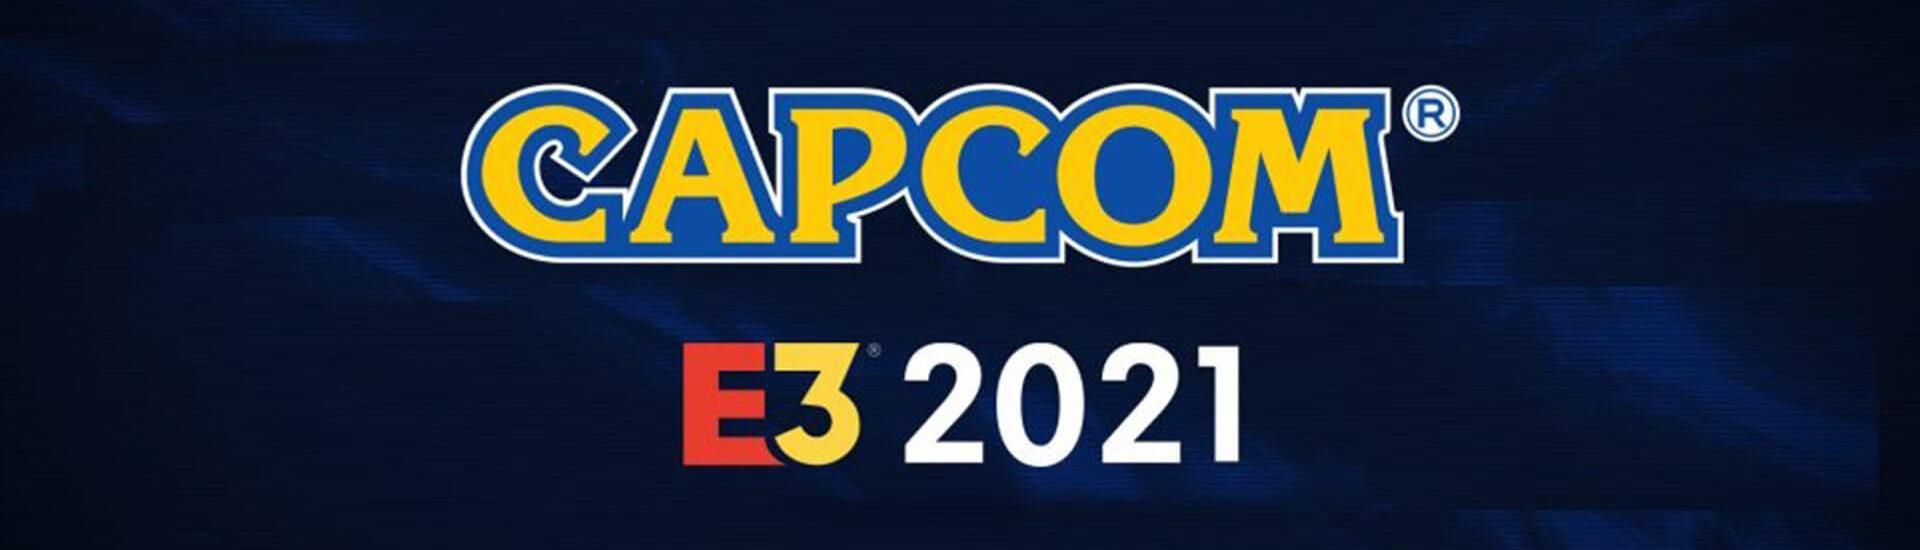 E3: Capcom – alle Spiele und Ankündigungen